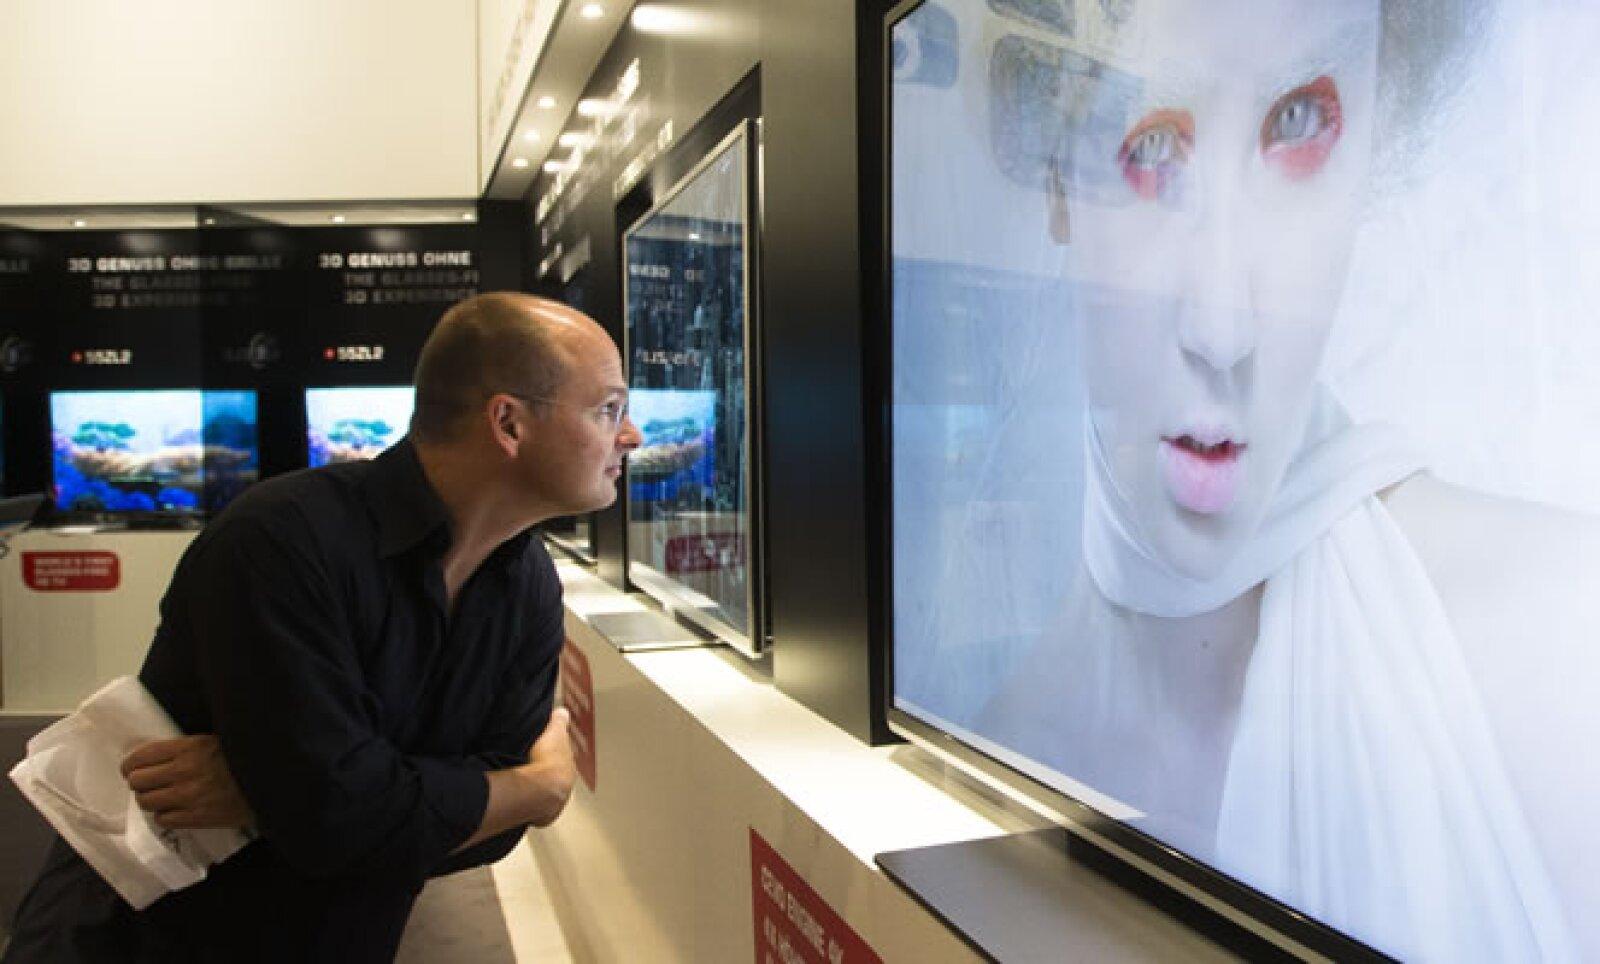 Toshiba presentó en el evento pantallas que transmite imágenes en tercera dimensión y de alta resolución, sin la necesidad de usar anteojos especiales.